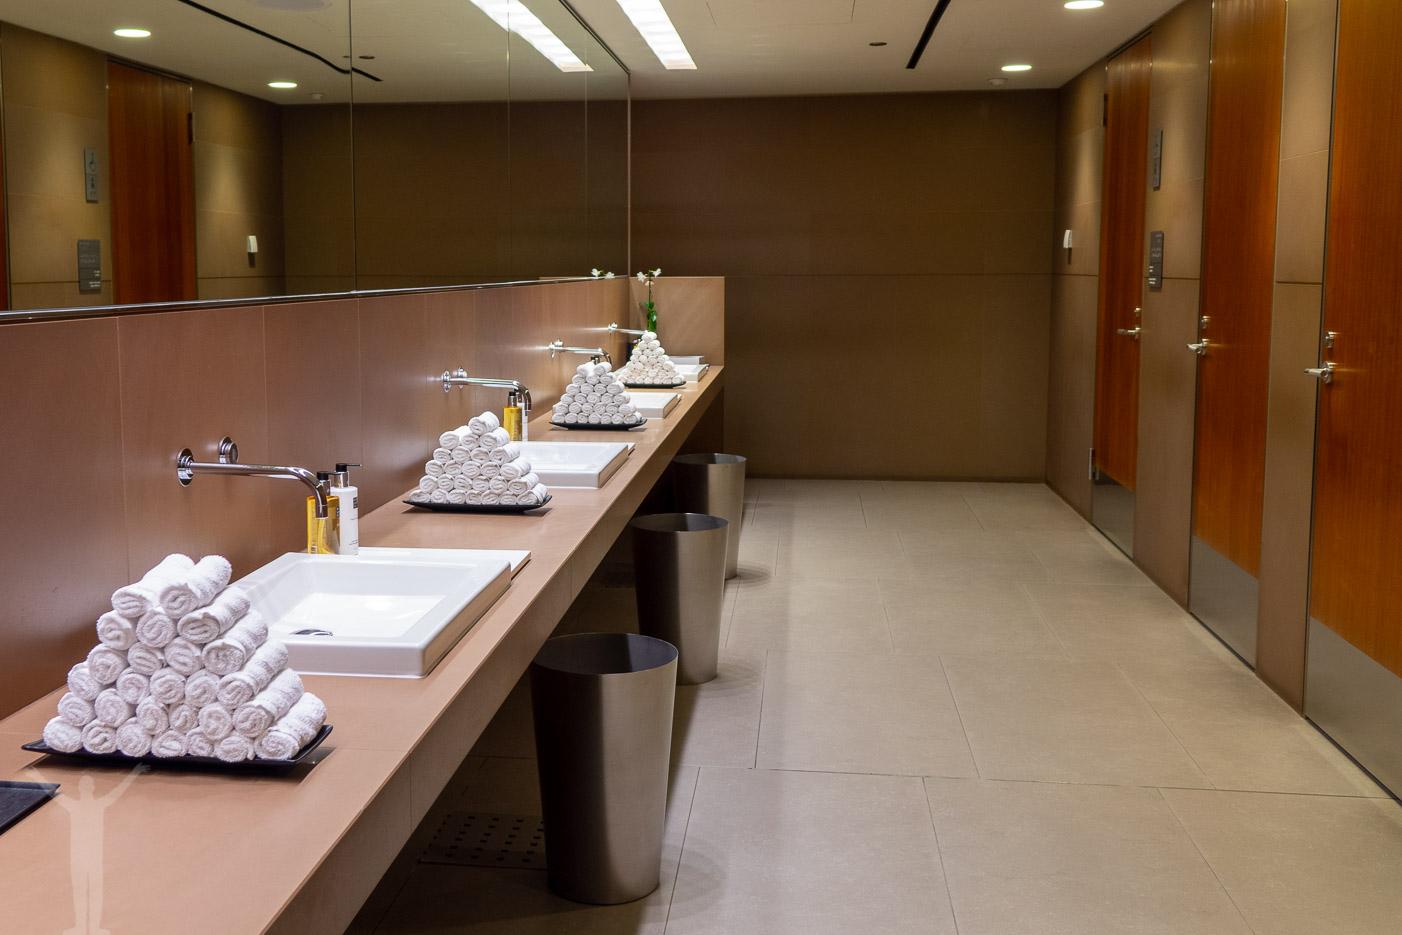 Toalettutrymmena - välstädade